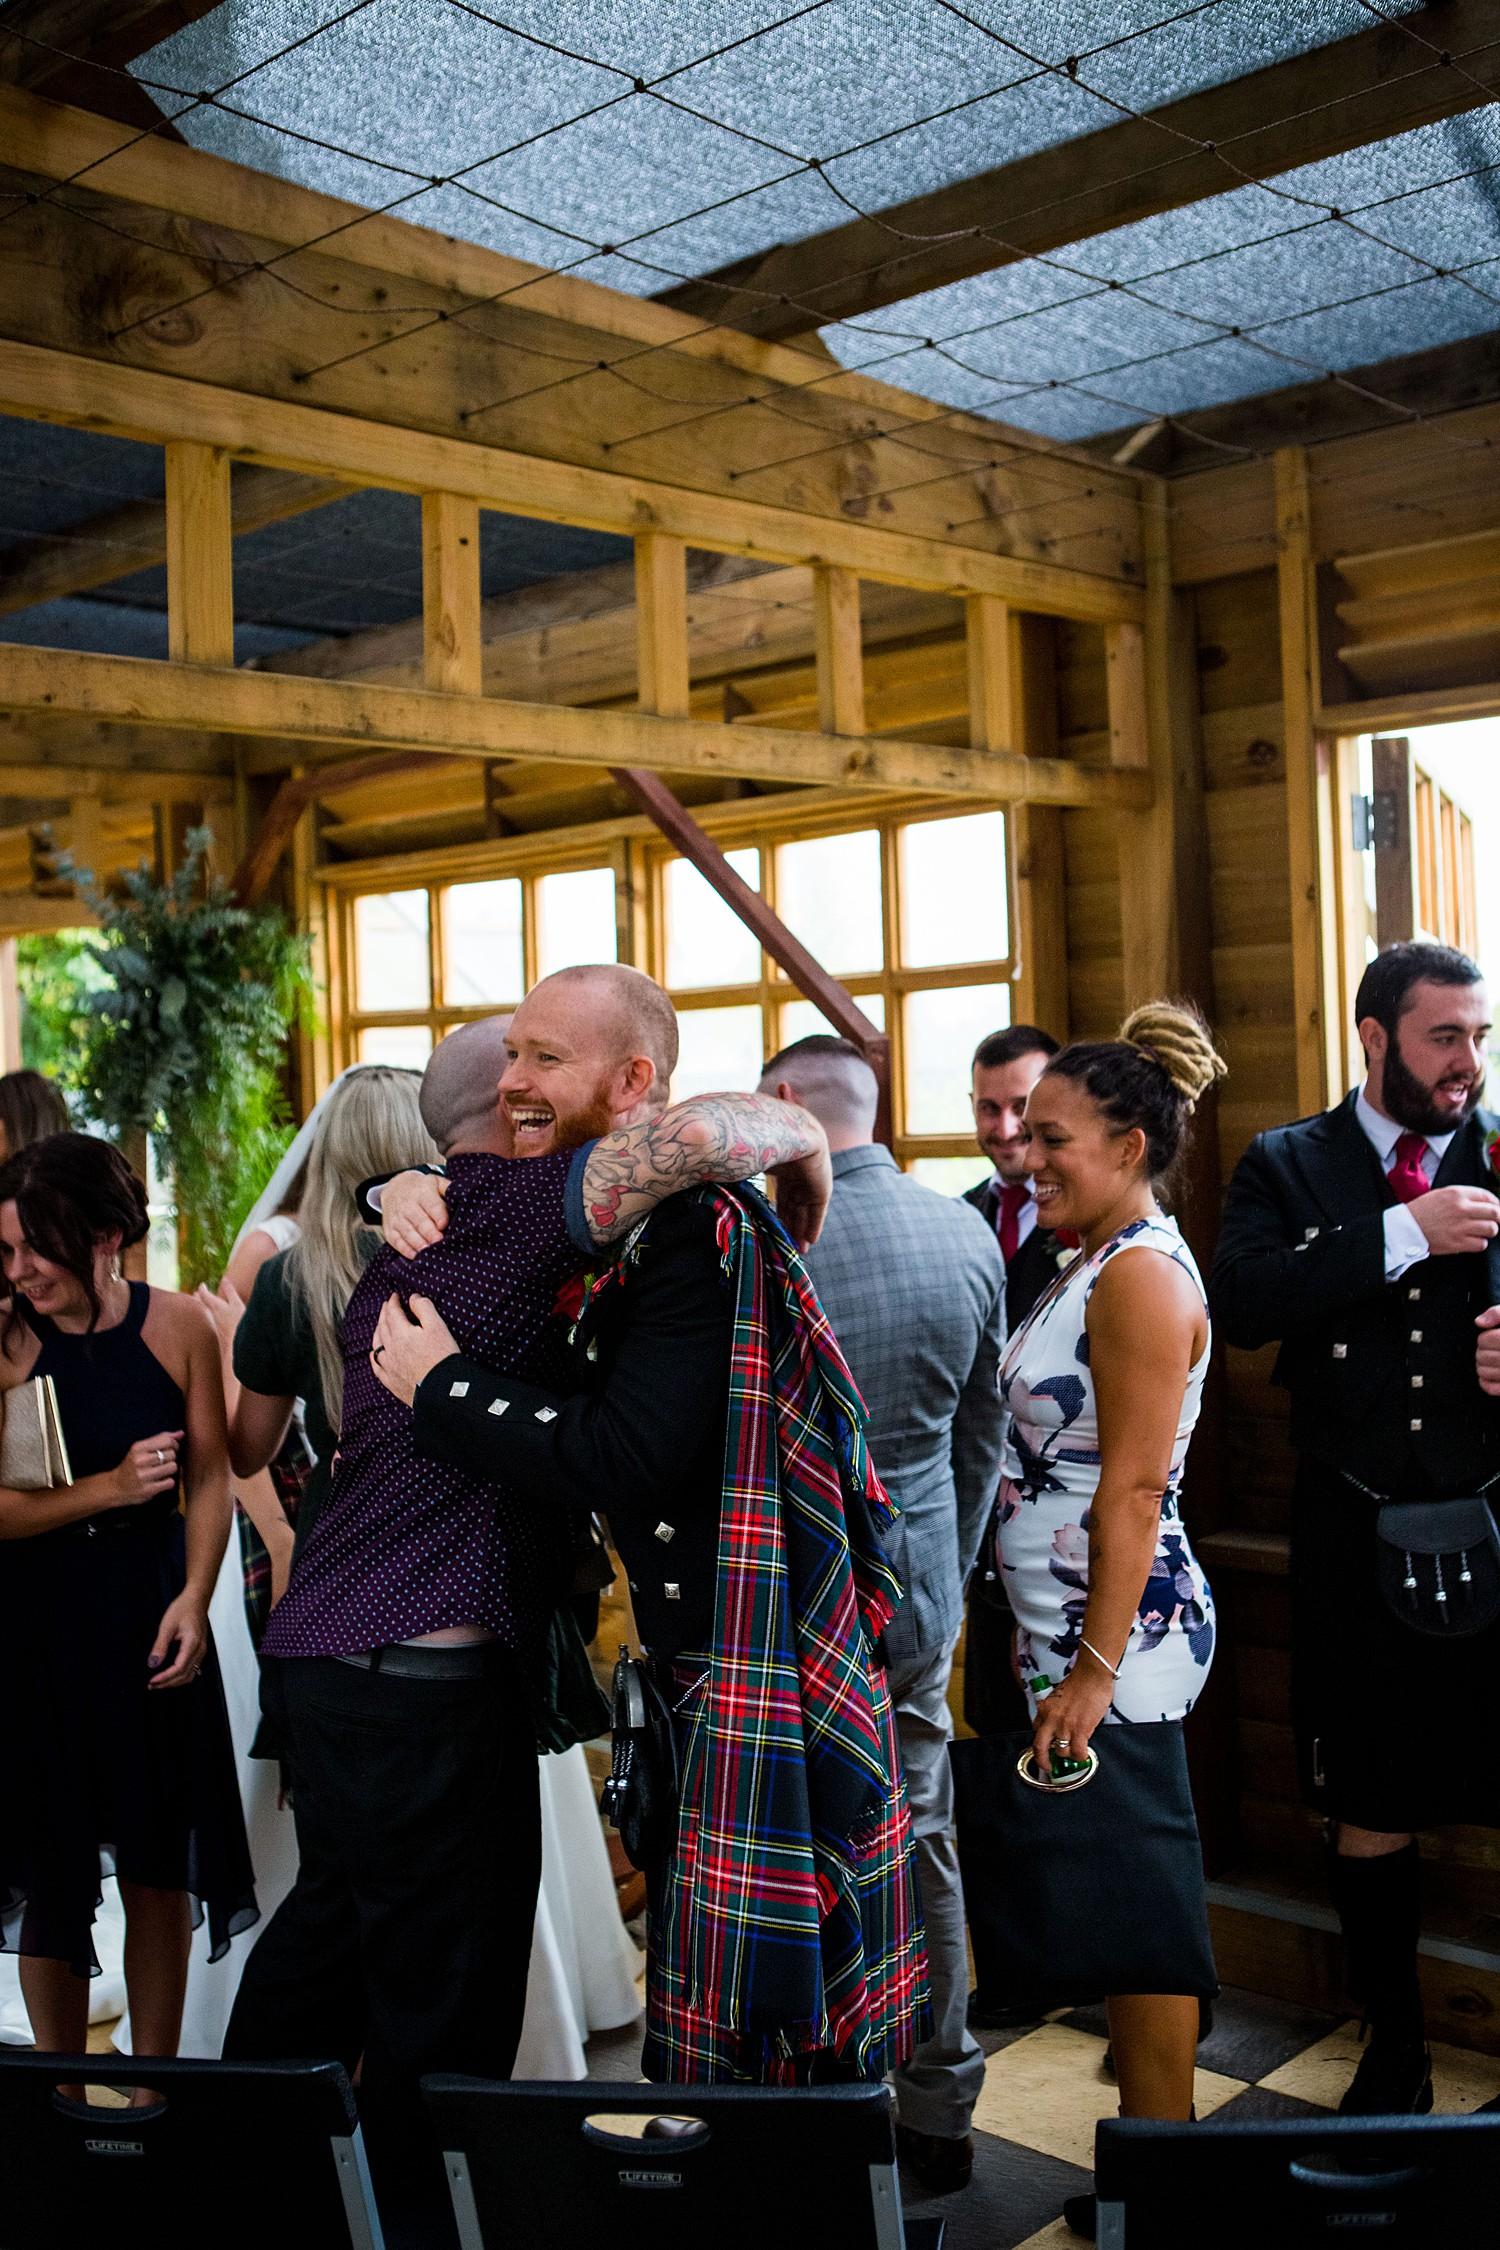 perth_swan_valley_scottish_rainy_wedding_0066.jpg